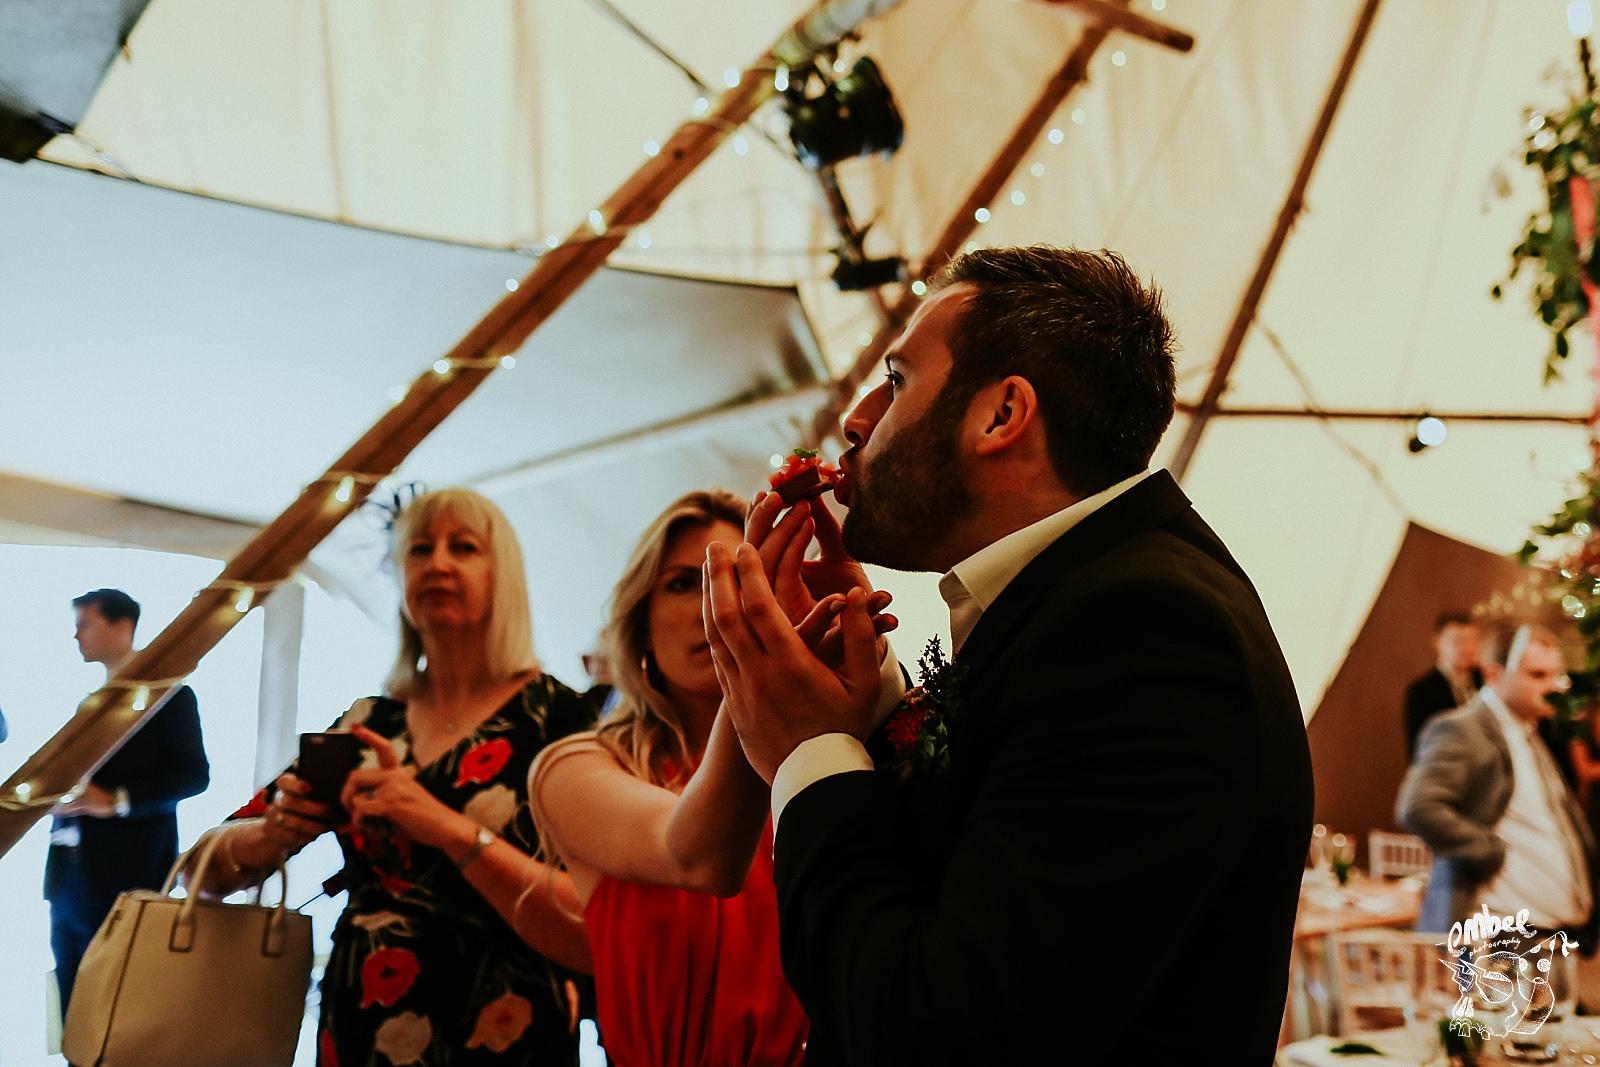 woman feeding man at wedding